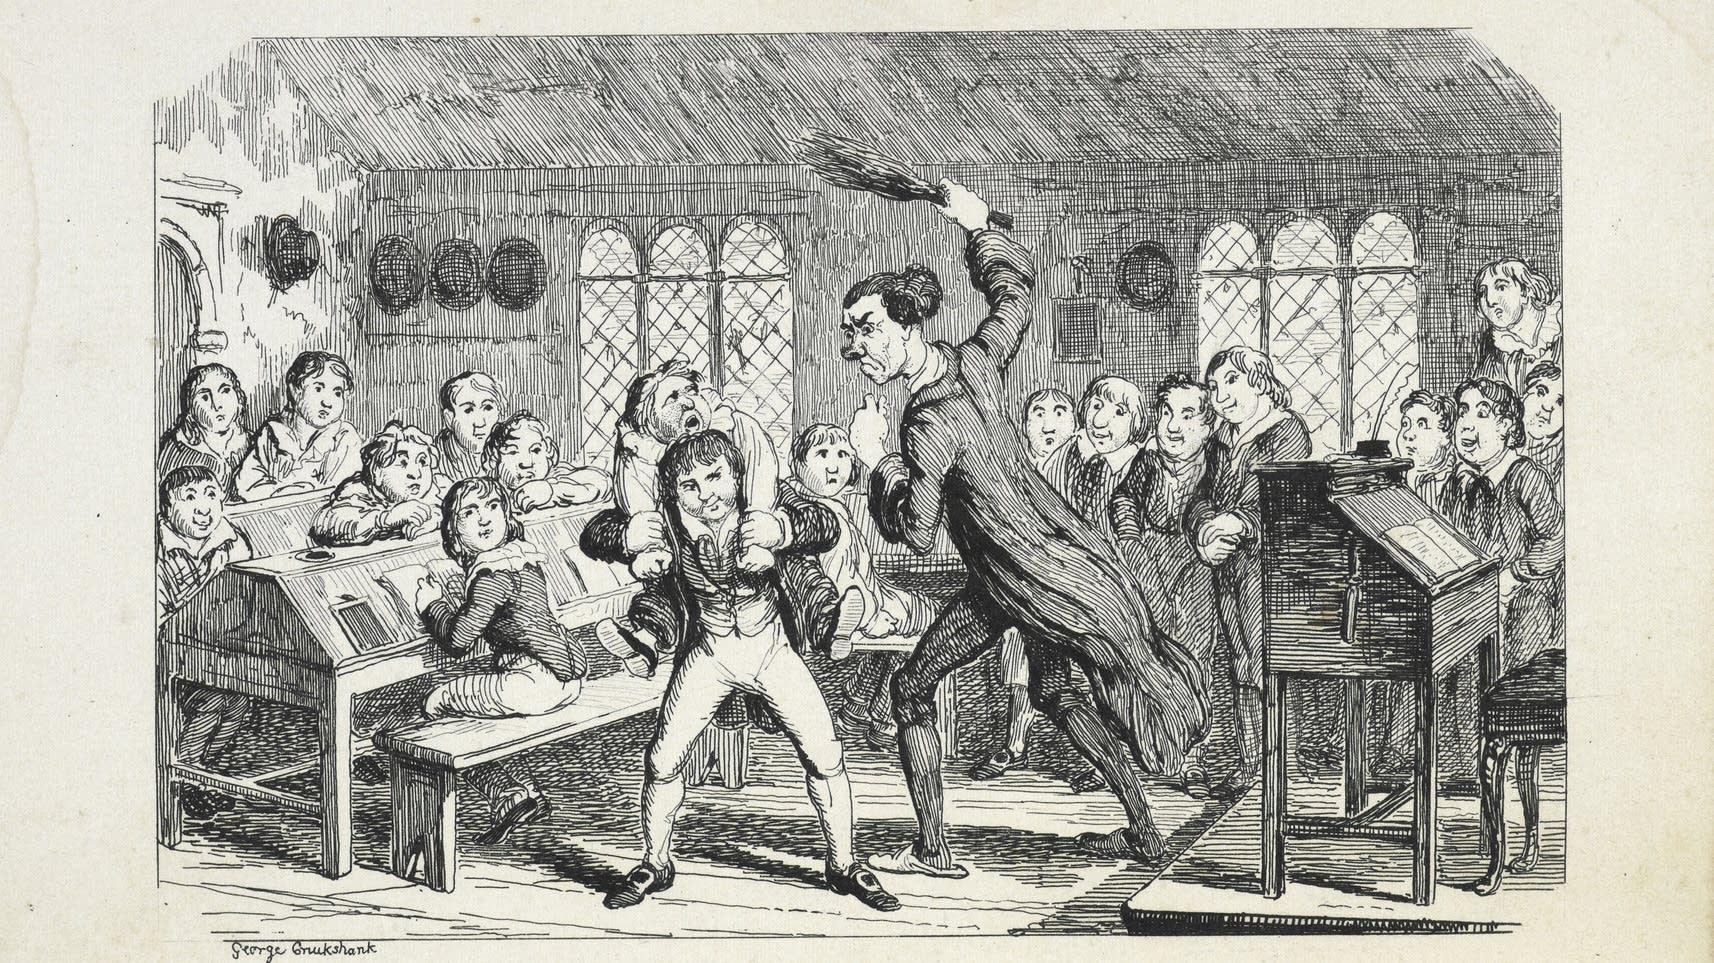 Caricature by George Cruikshank